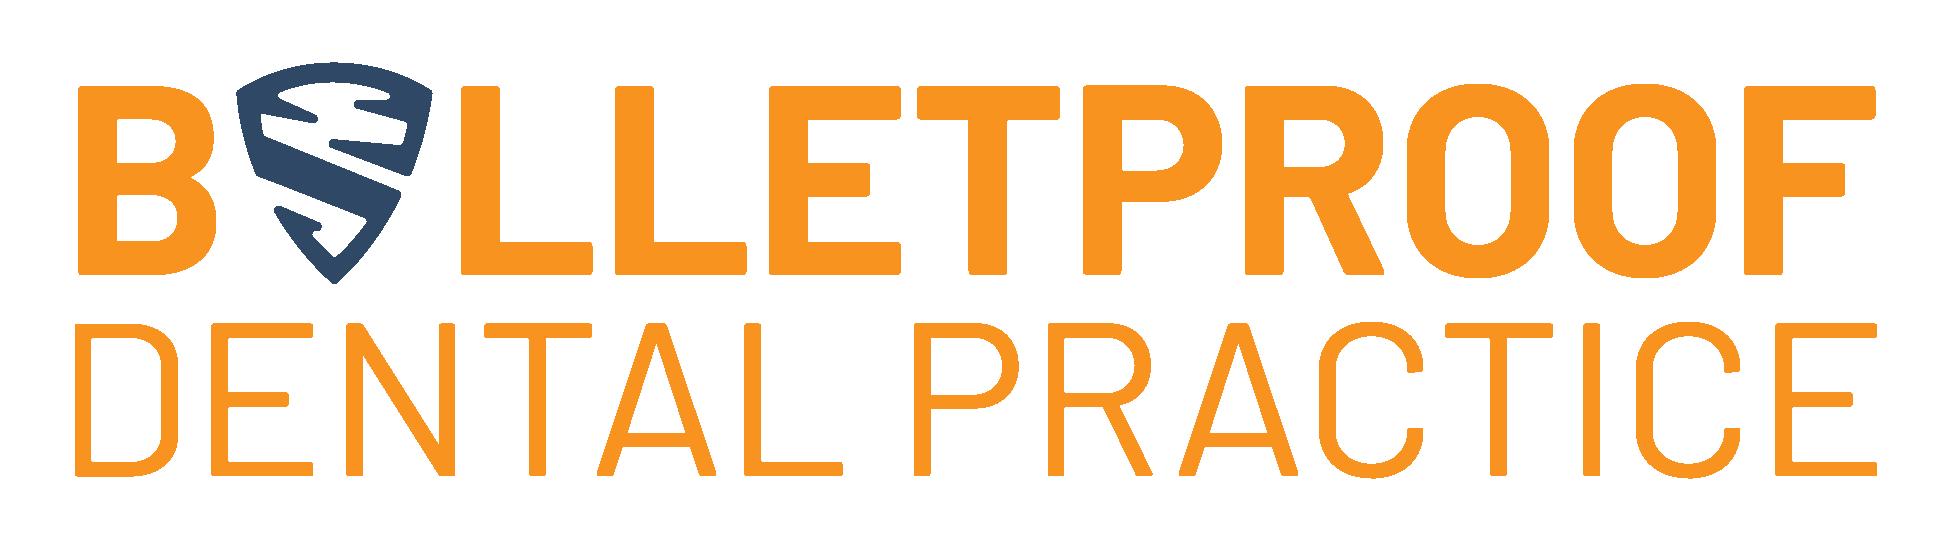 Bulletproof Dental Practice logo